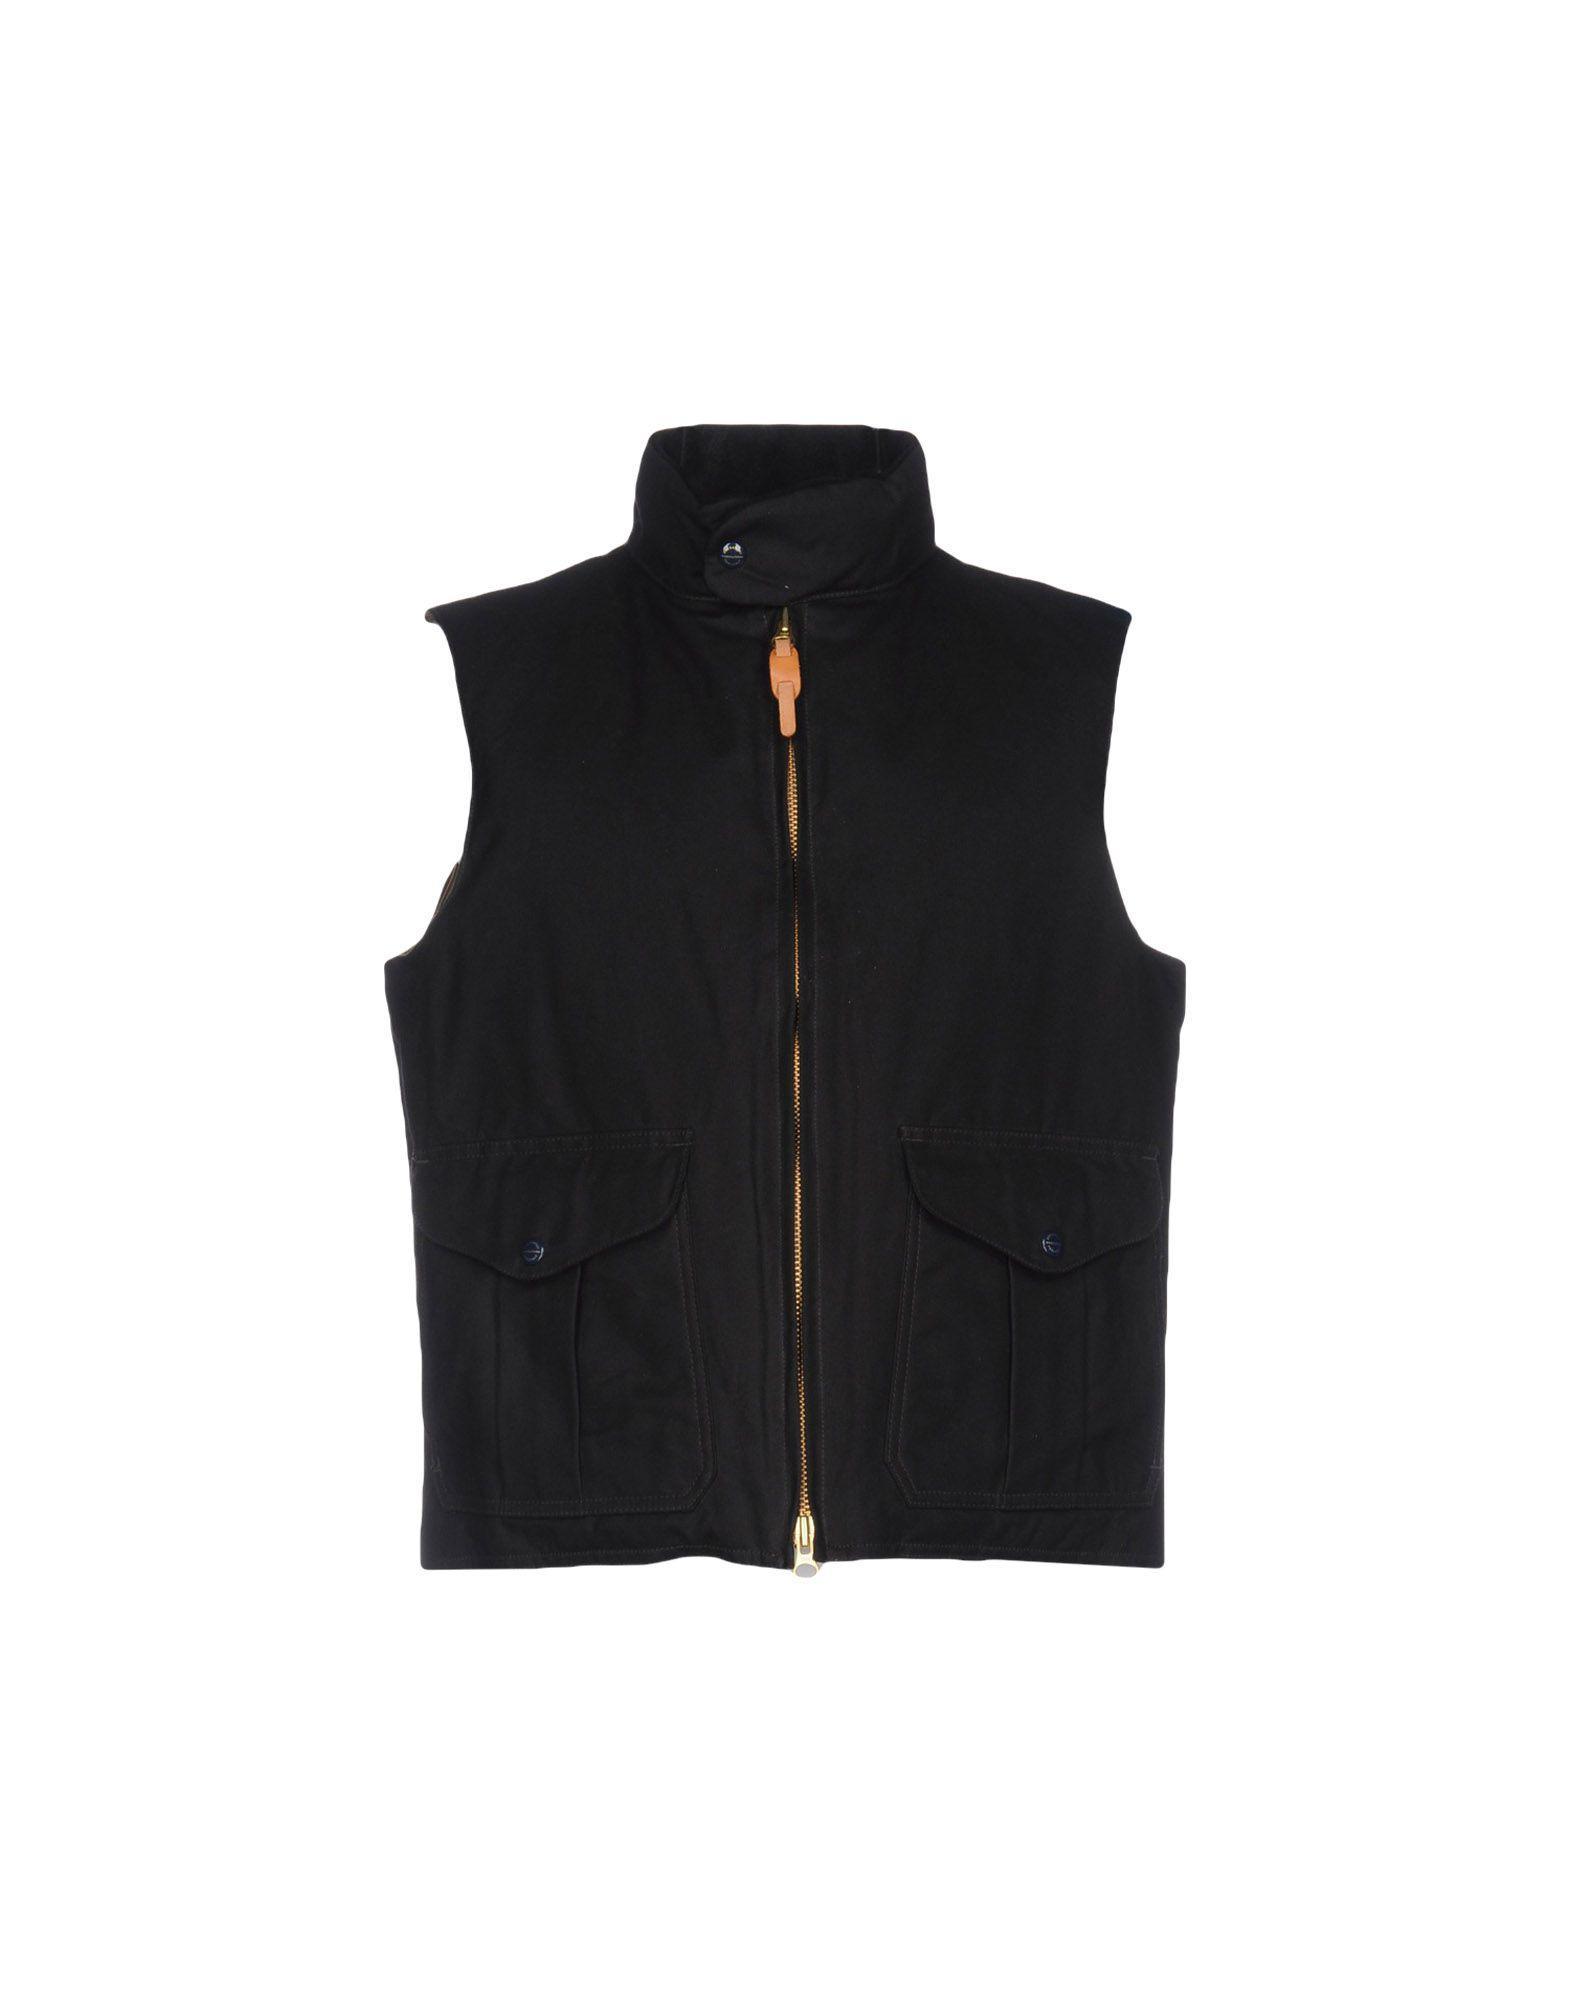 Manifattura Ceccarelli Down Jackets In Black